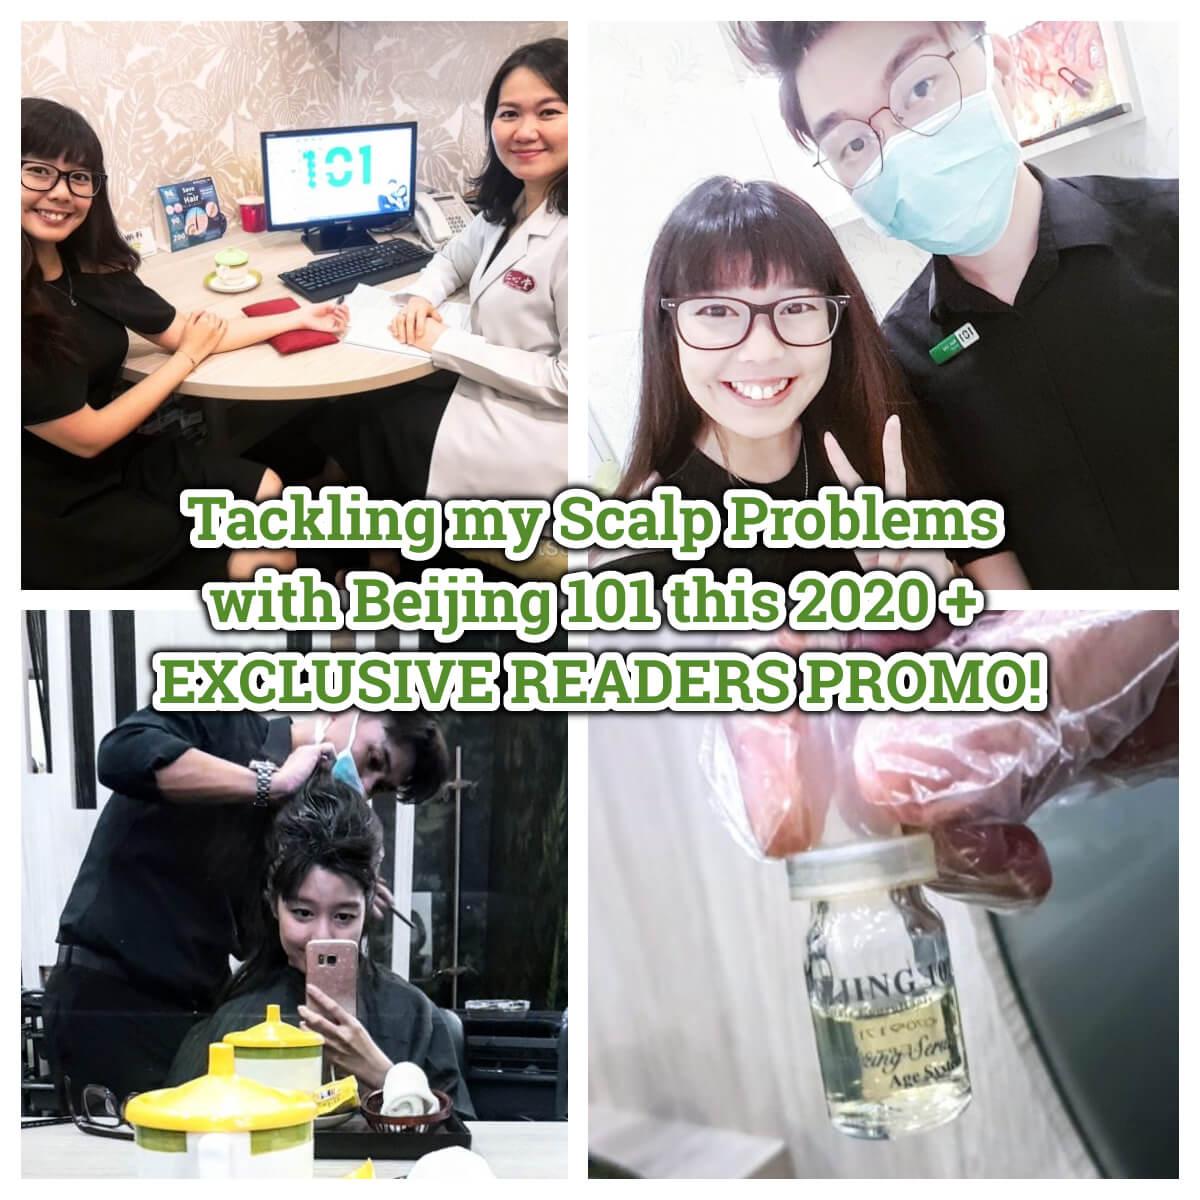 mitsueki beijing 101 2020